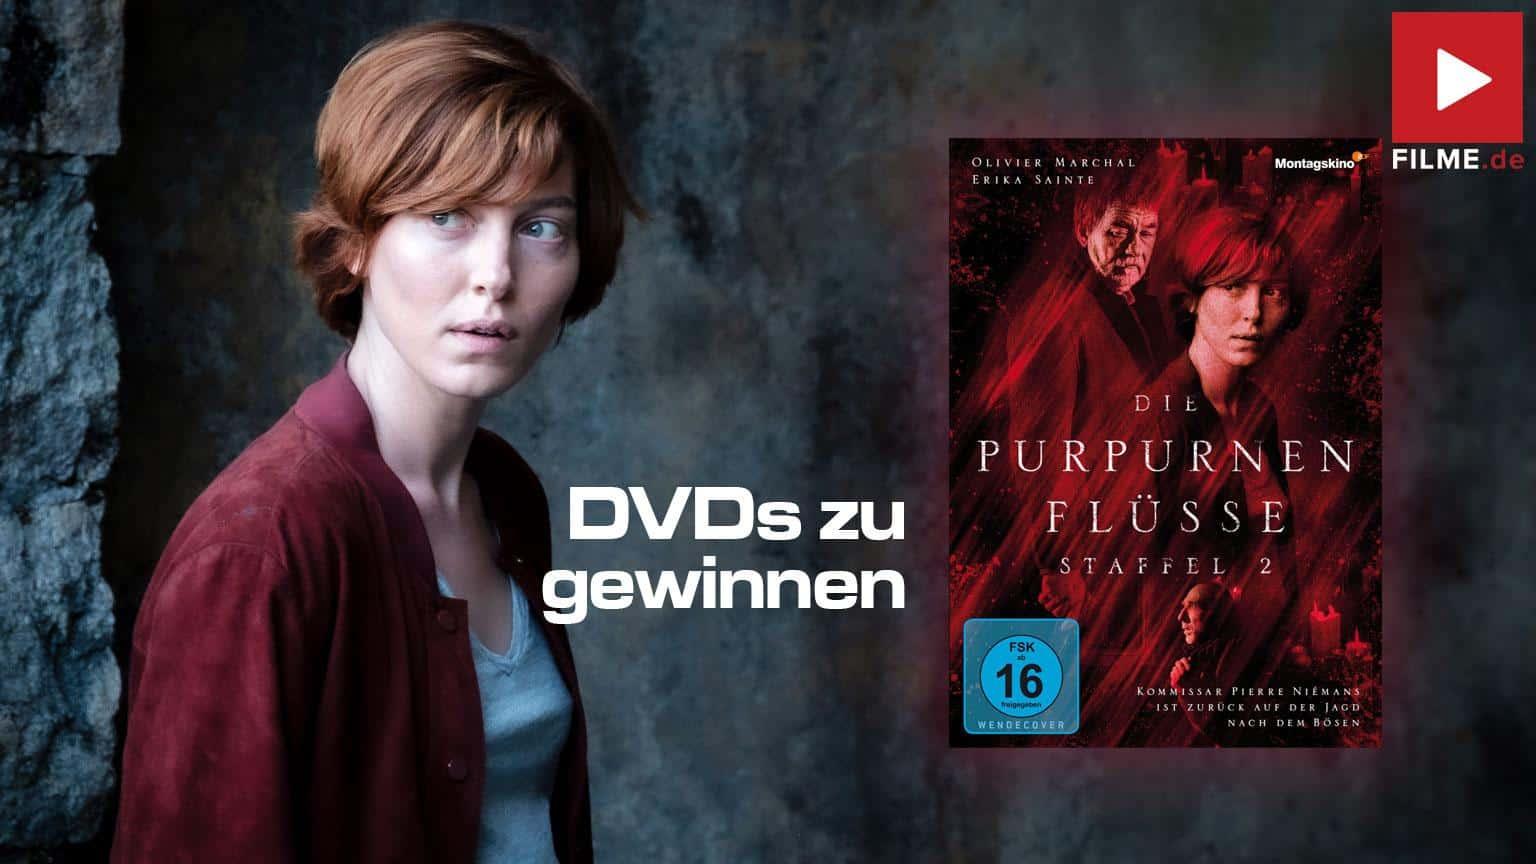 Die purpurnen Flüsse - Staffel 2 [Blu-ray] DVD shop kaufen Serie 2020 Gewinnspiel gewinnen Artikelbild